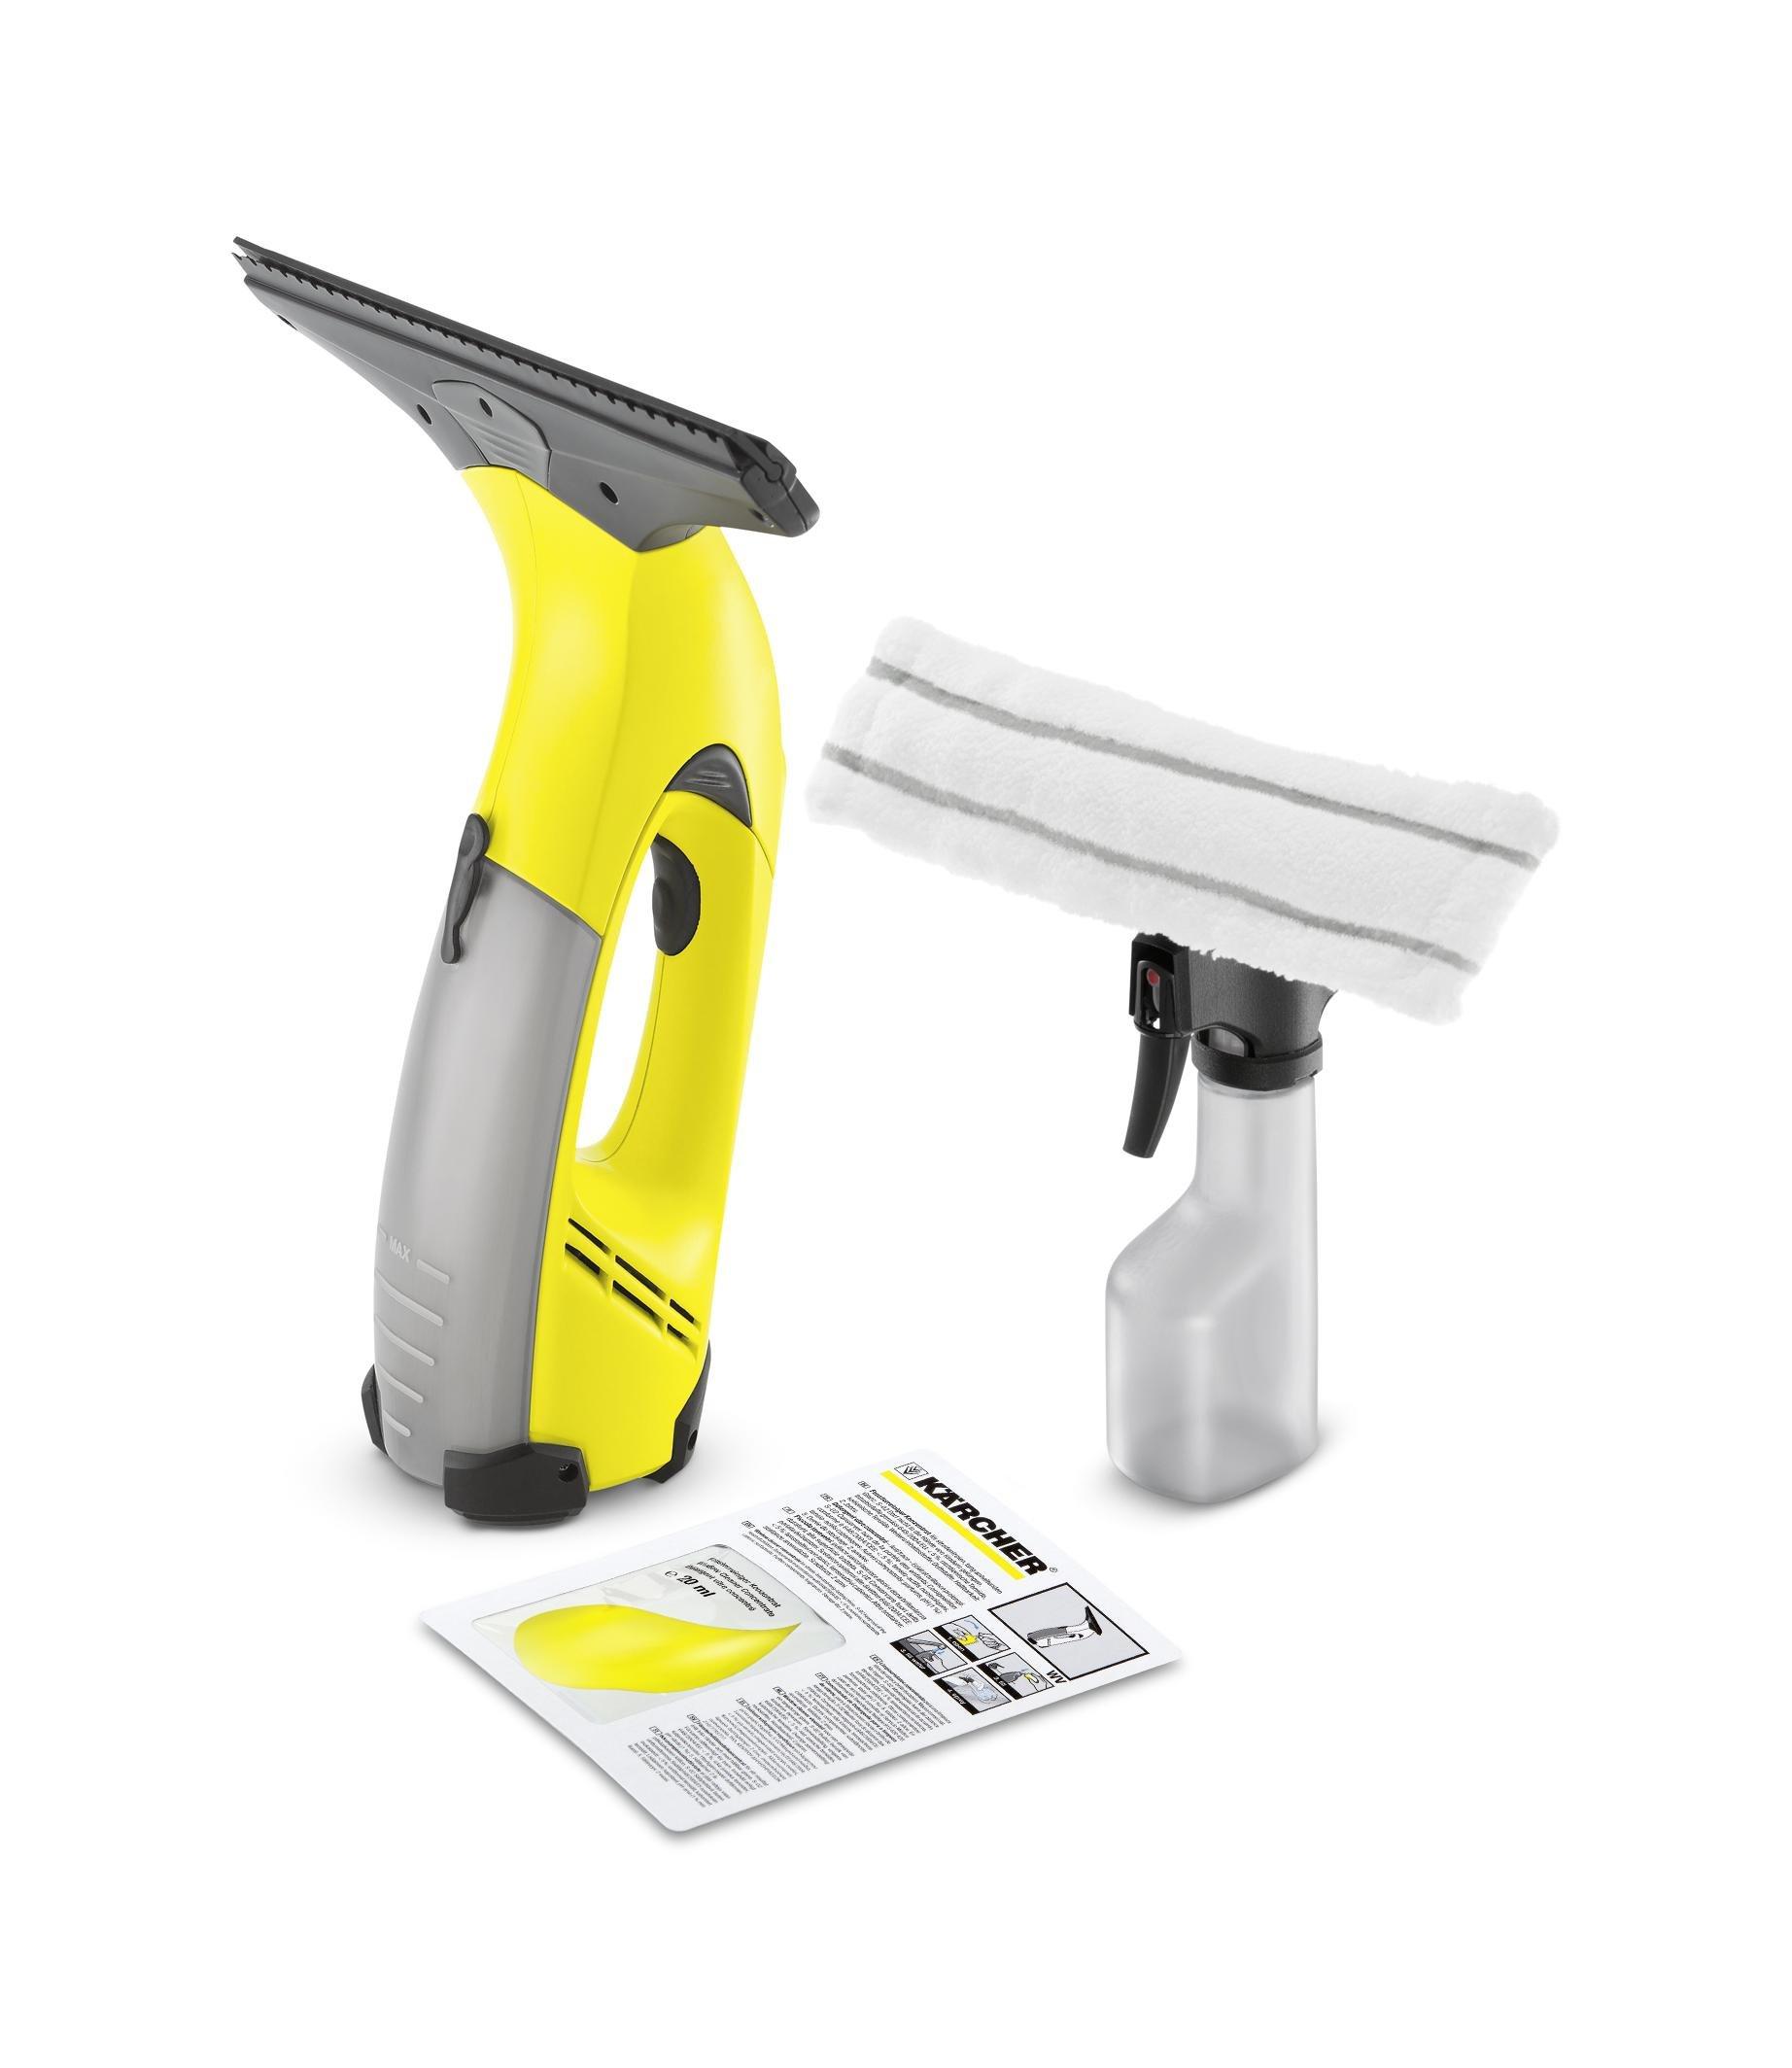 Kärcher WV 50 Plus - Limpiador de ventanas, rendimiento de limpieza por carga 25 m²